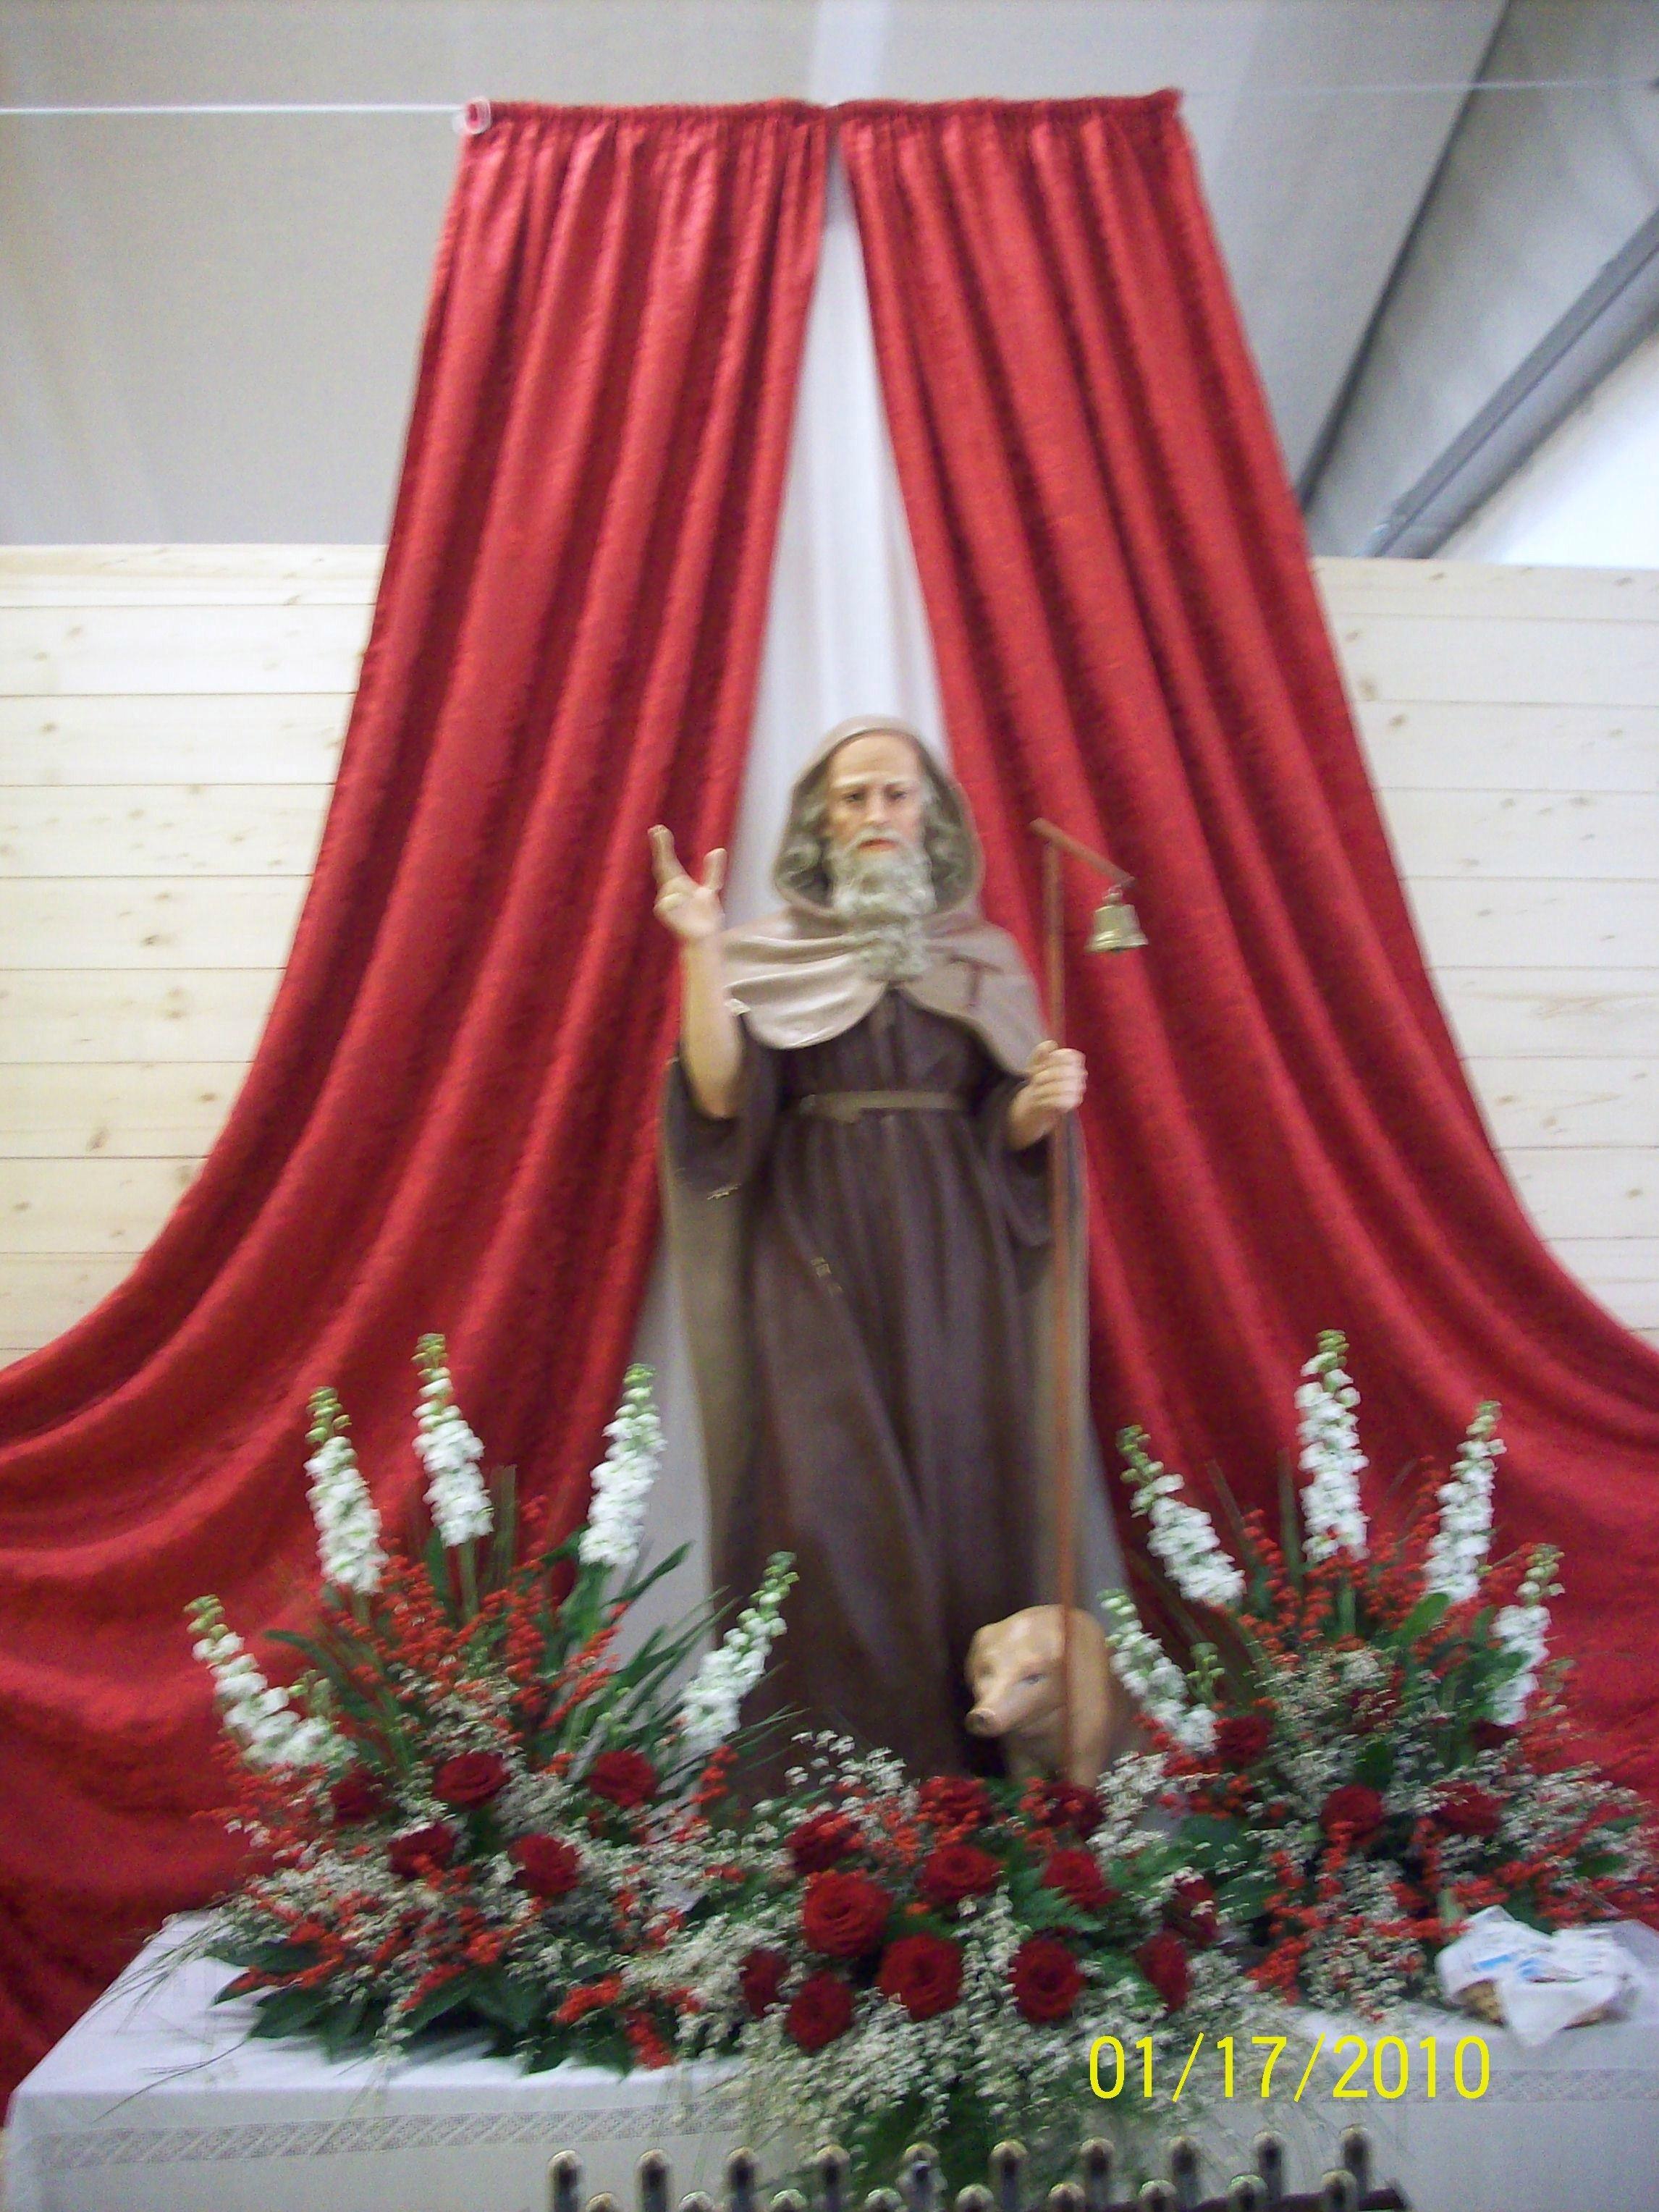 Festa di sant antonio abate parrocchia san giovanni battista for Arredo bimbo sant antonio abate